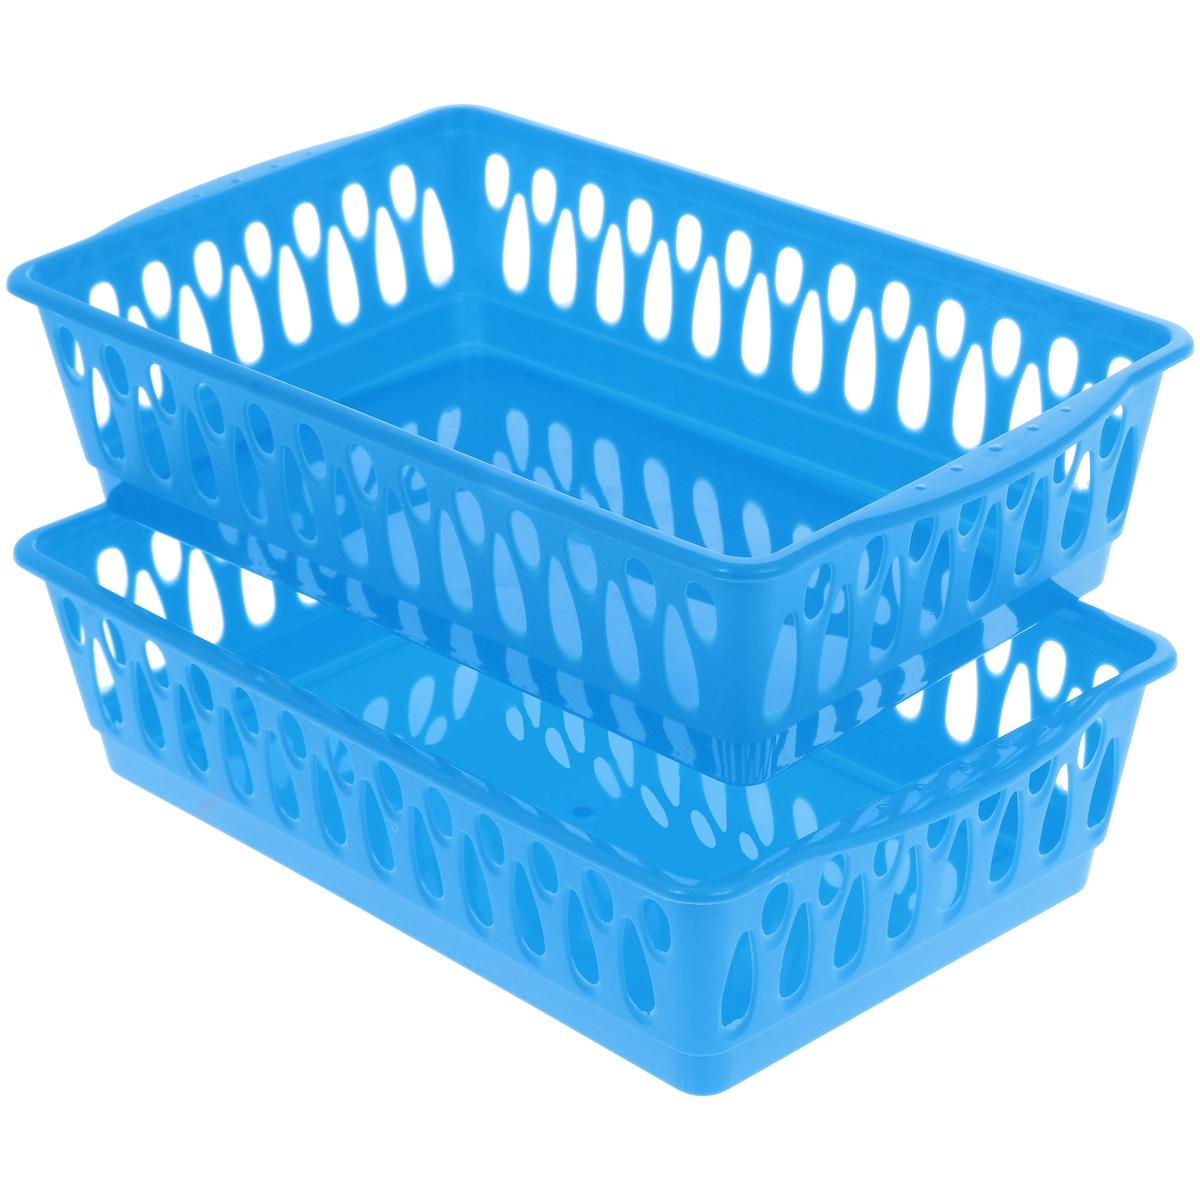 Набор корзинок Dommix, цвет: синий, 24,5 см х 15,5 см х 6 см, 2 шт3169Набор Dommix, выполненный из высококачественного пластика, состоит из двух корзинок. Изделие прекрасно подходит для сервировки стола. Идеальное решение для красивой подачи и хранения фруктов, хлеба, ягод и овощей. Корзинки декорированы овальными отверстиями. Набор корзинок Dommix красиво дополнит интерьер кухни.